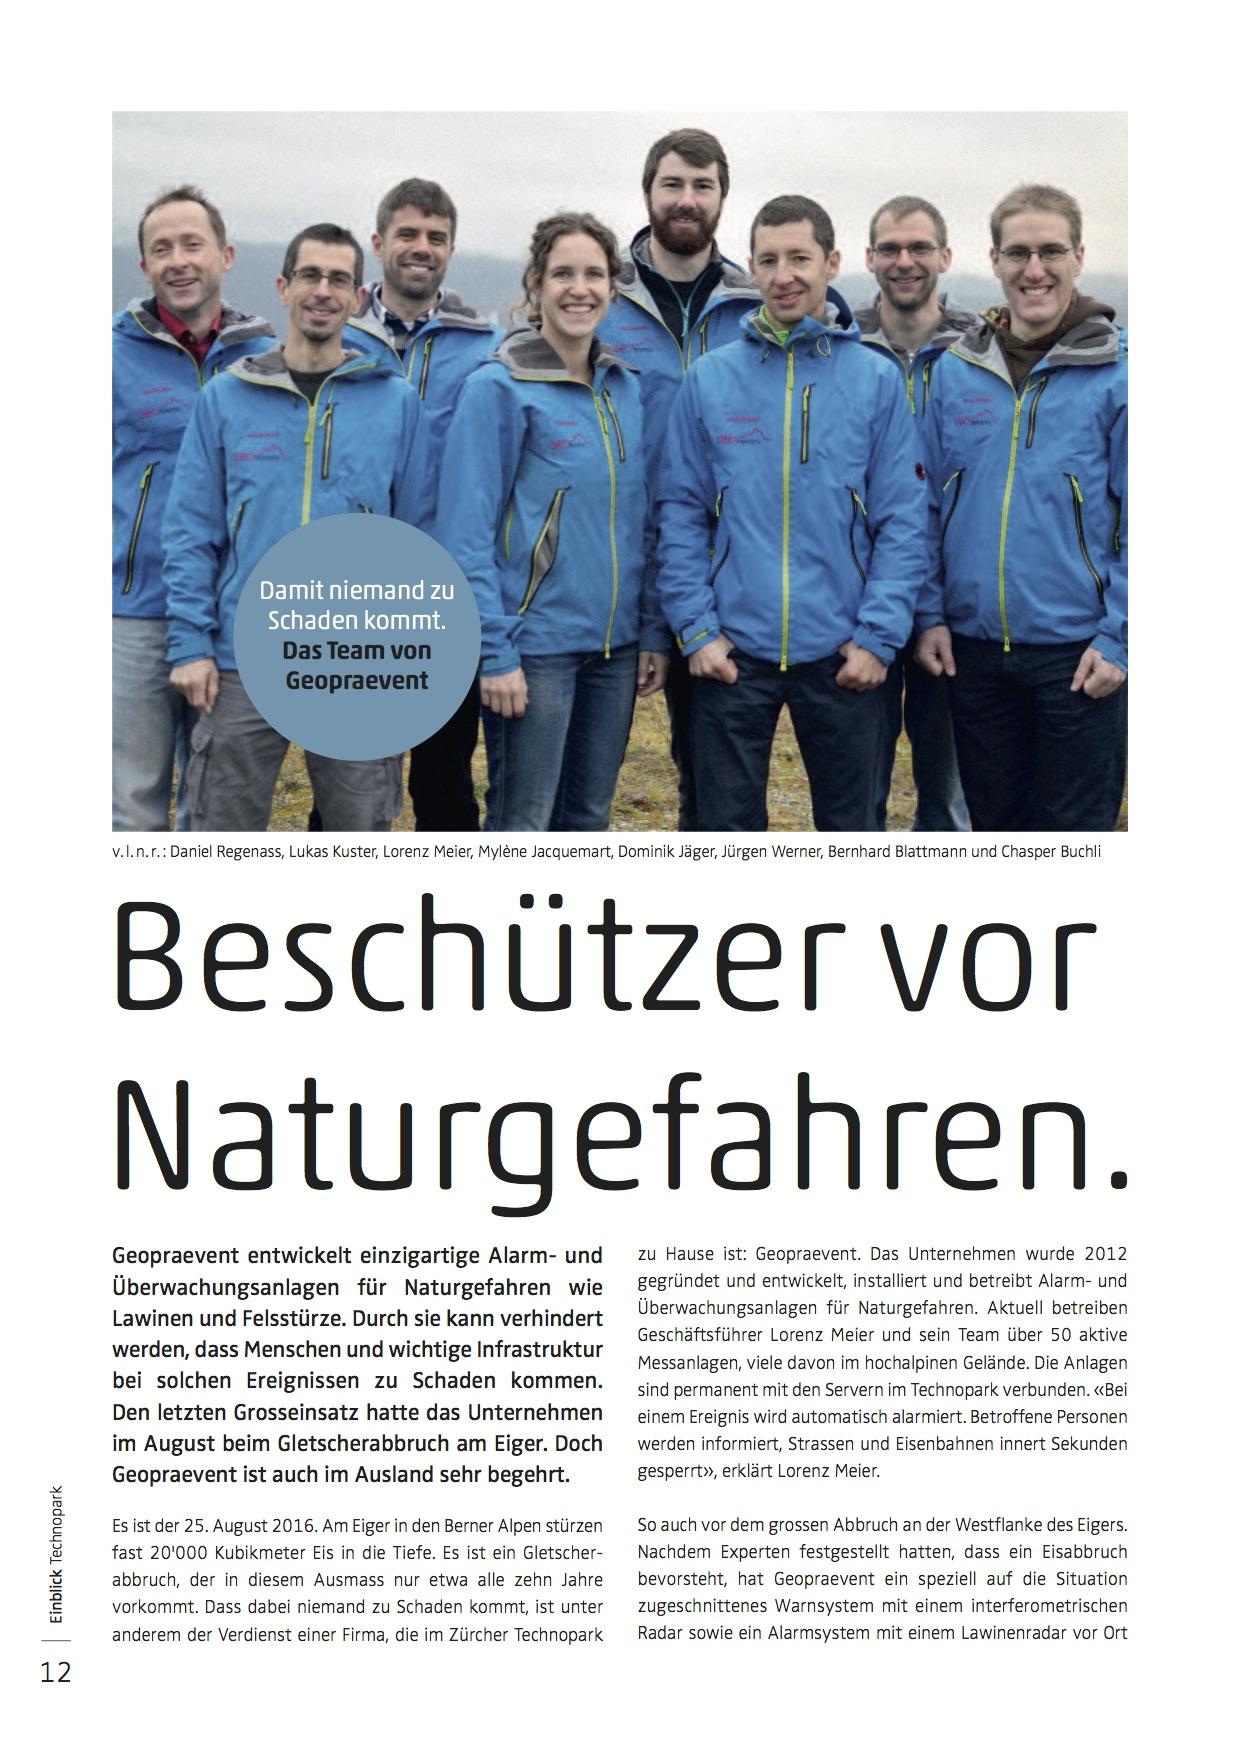 magazin_einblick_10_16_2